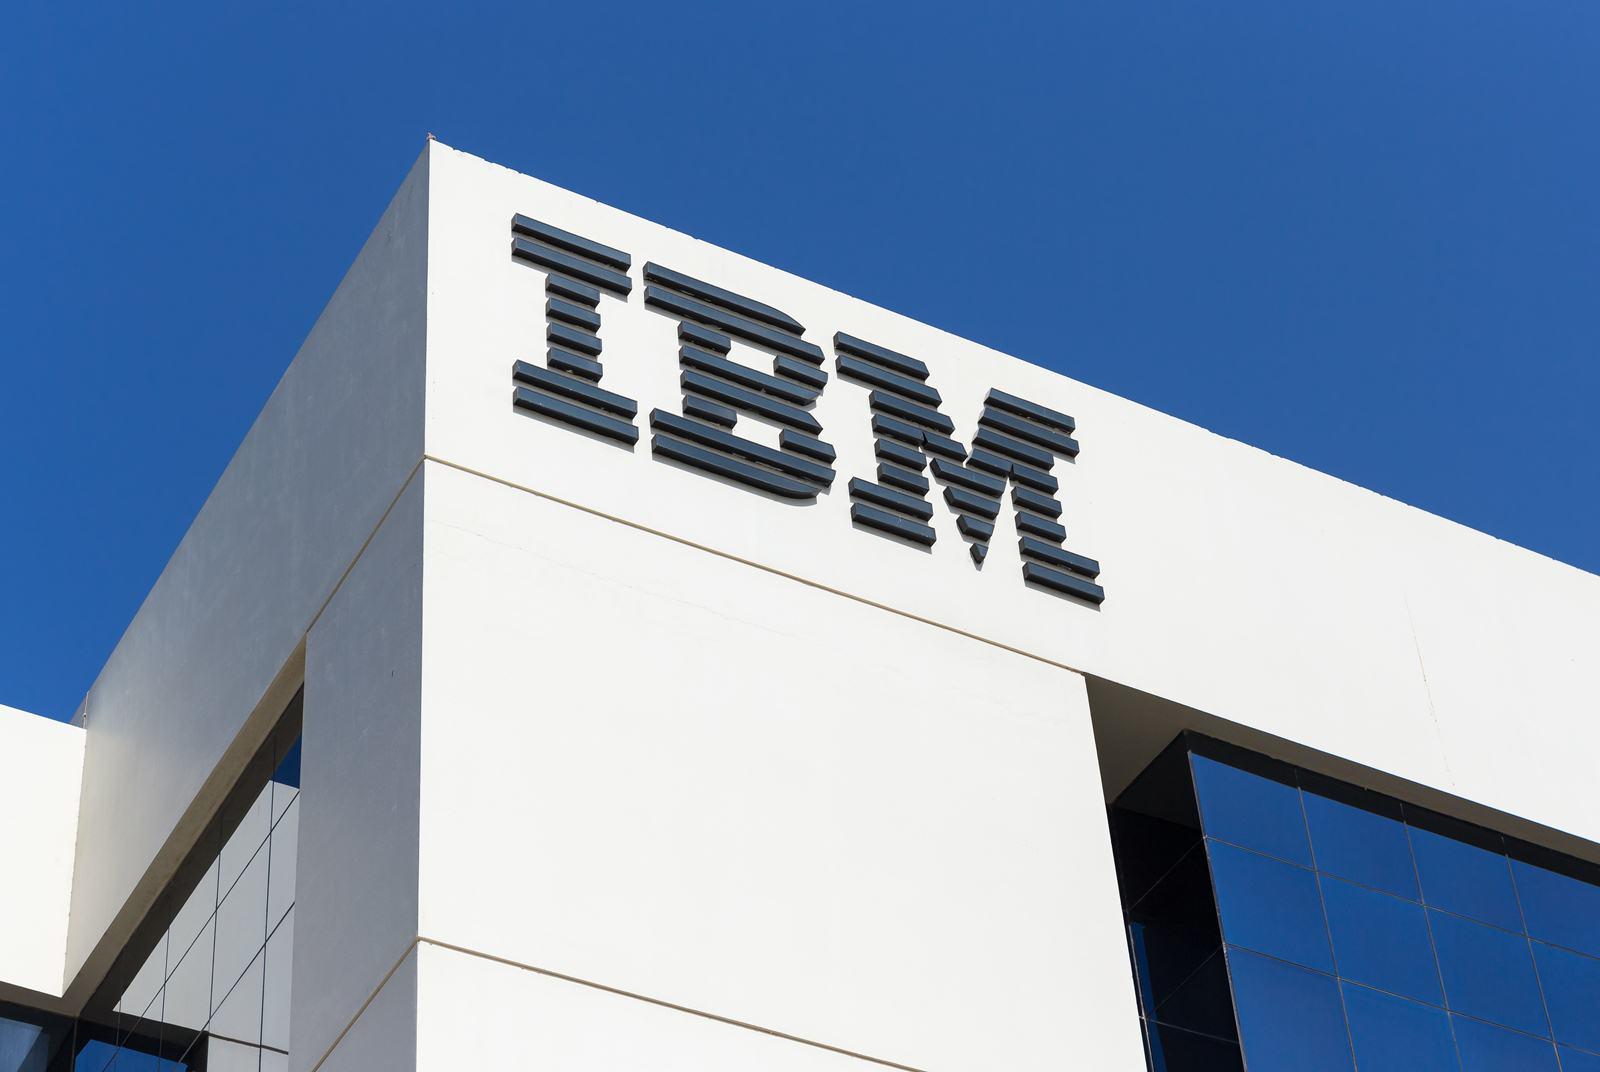 機管局使用 IBM Services 加快雲端轉型